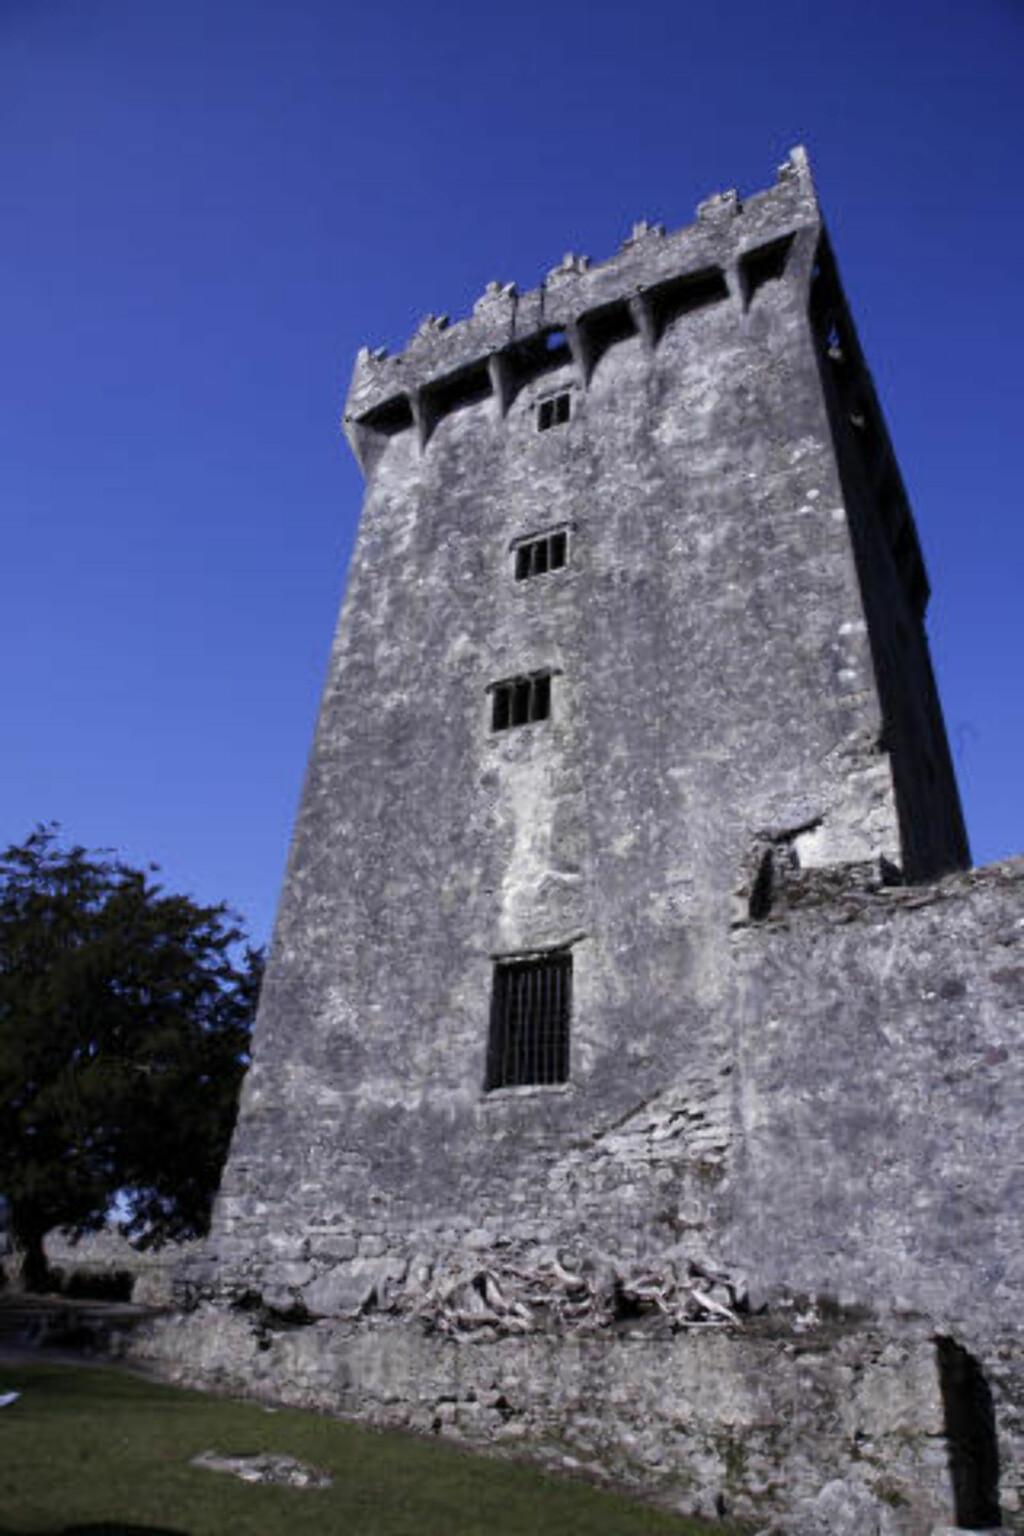 HØYT HENGER'N: Helt nederst på det øverste brystvernet på Barney Castle, 35 meter over bakken,  er det murt inn en spesiell stein som folk står i kø i timesvis for å kysse - hengende baklengs utover slottsmurene. Foto: Eivind Pedersen